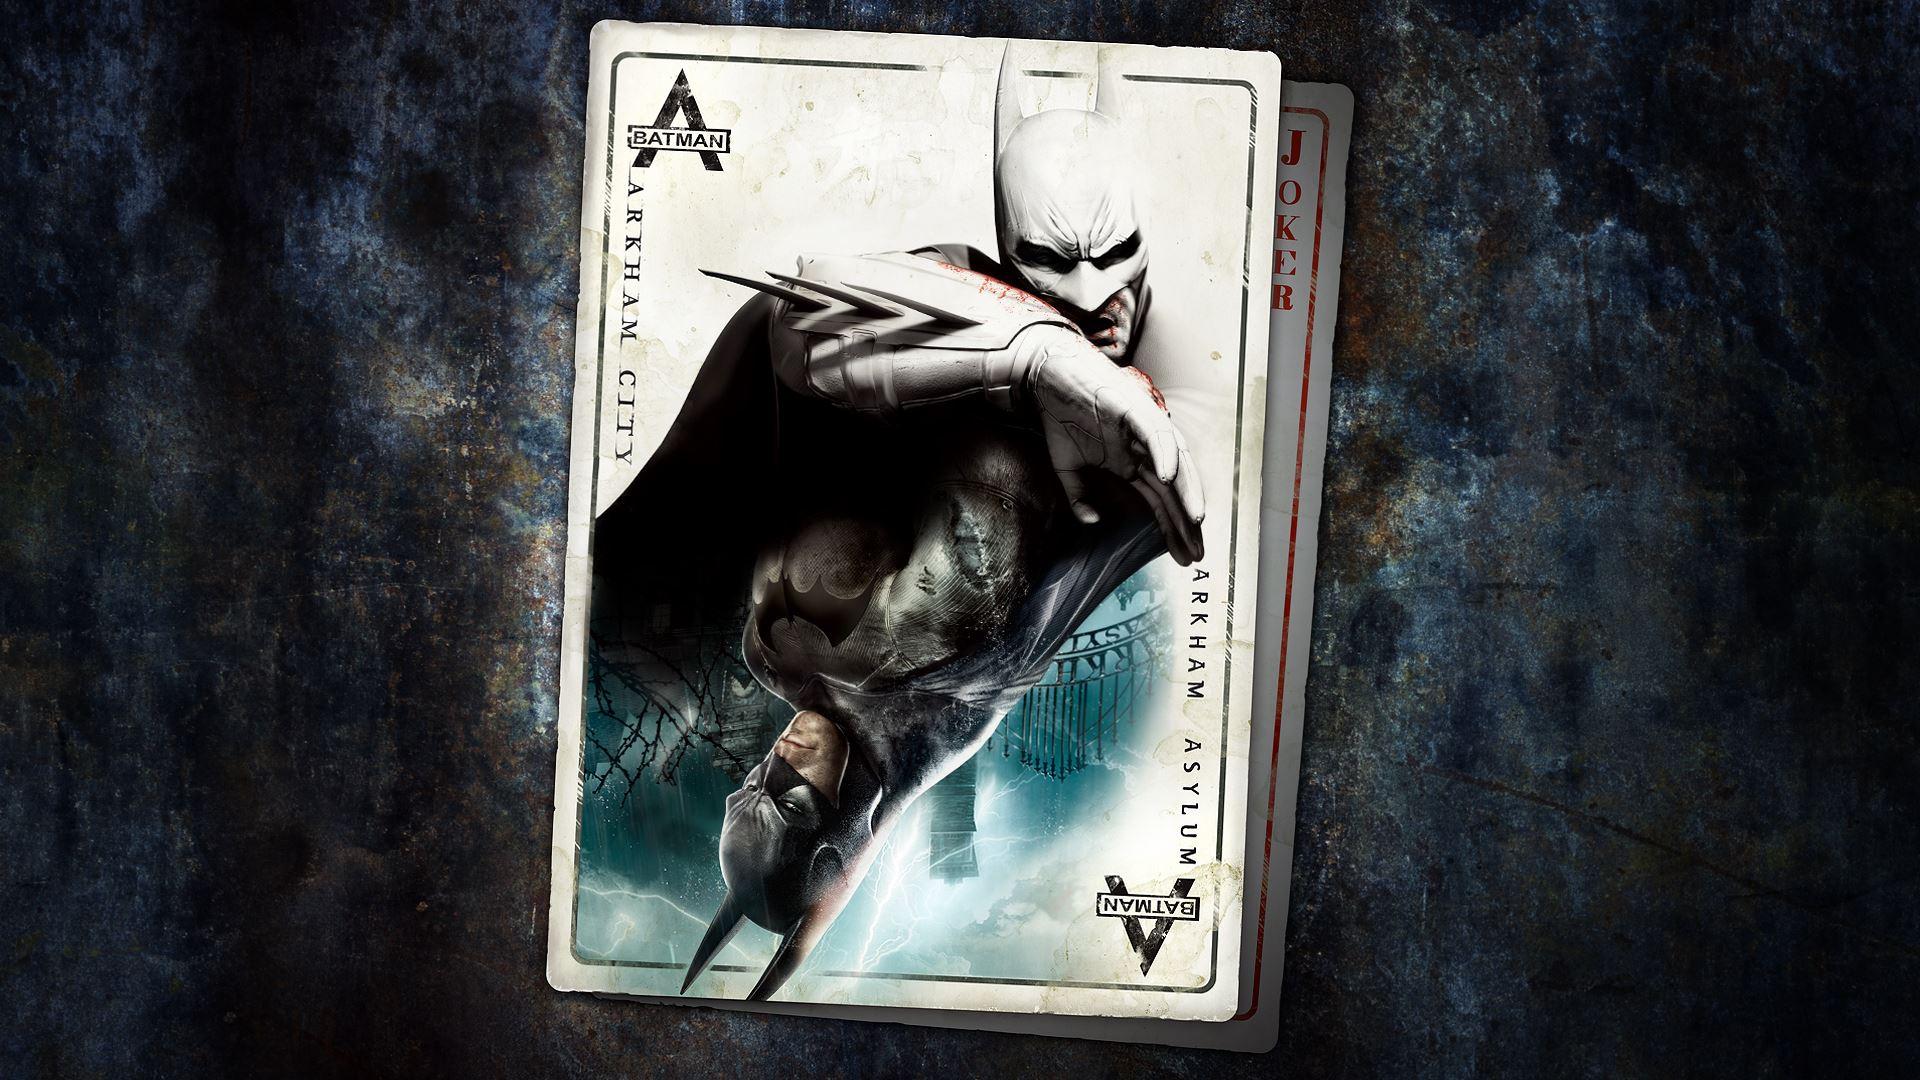 Kết quả hình ảnh cho Batman: Return to Arkham